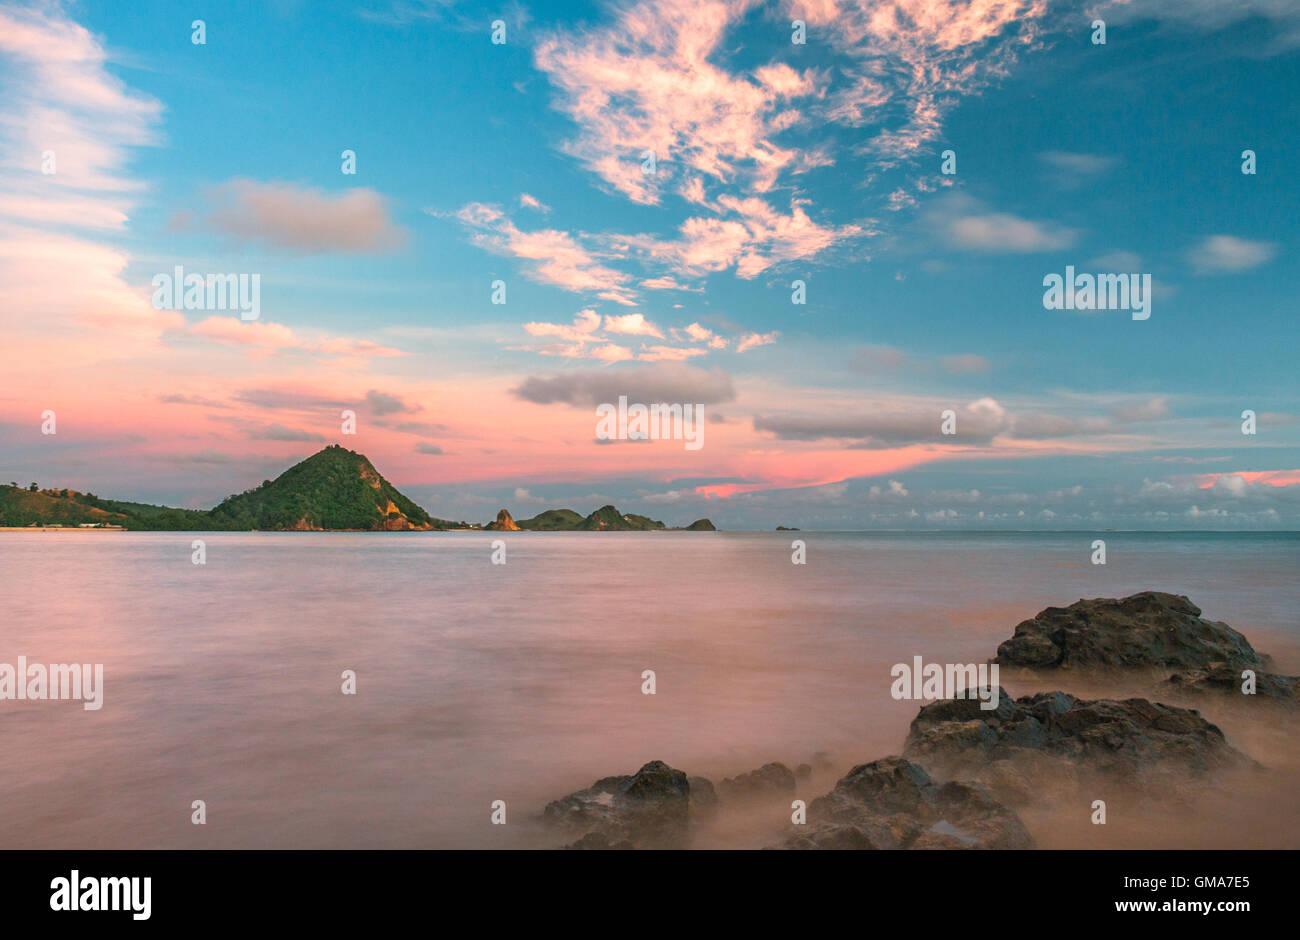 Une longue exposition de l'océan et les rochers, toujours avec un beau ciel au coucher du soleil. Photo Stock